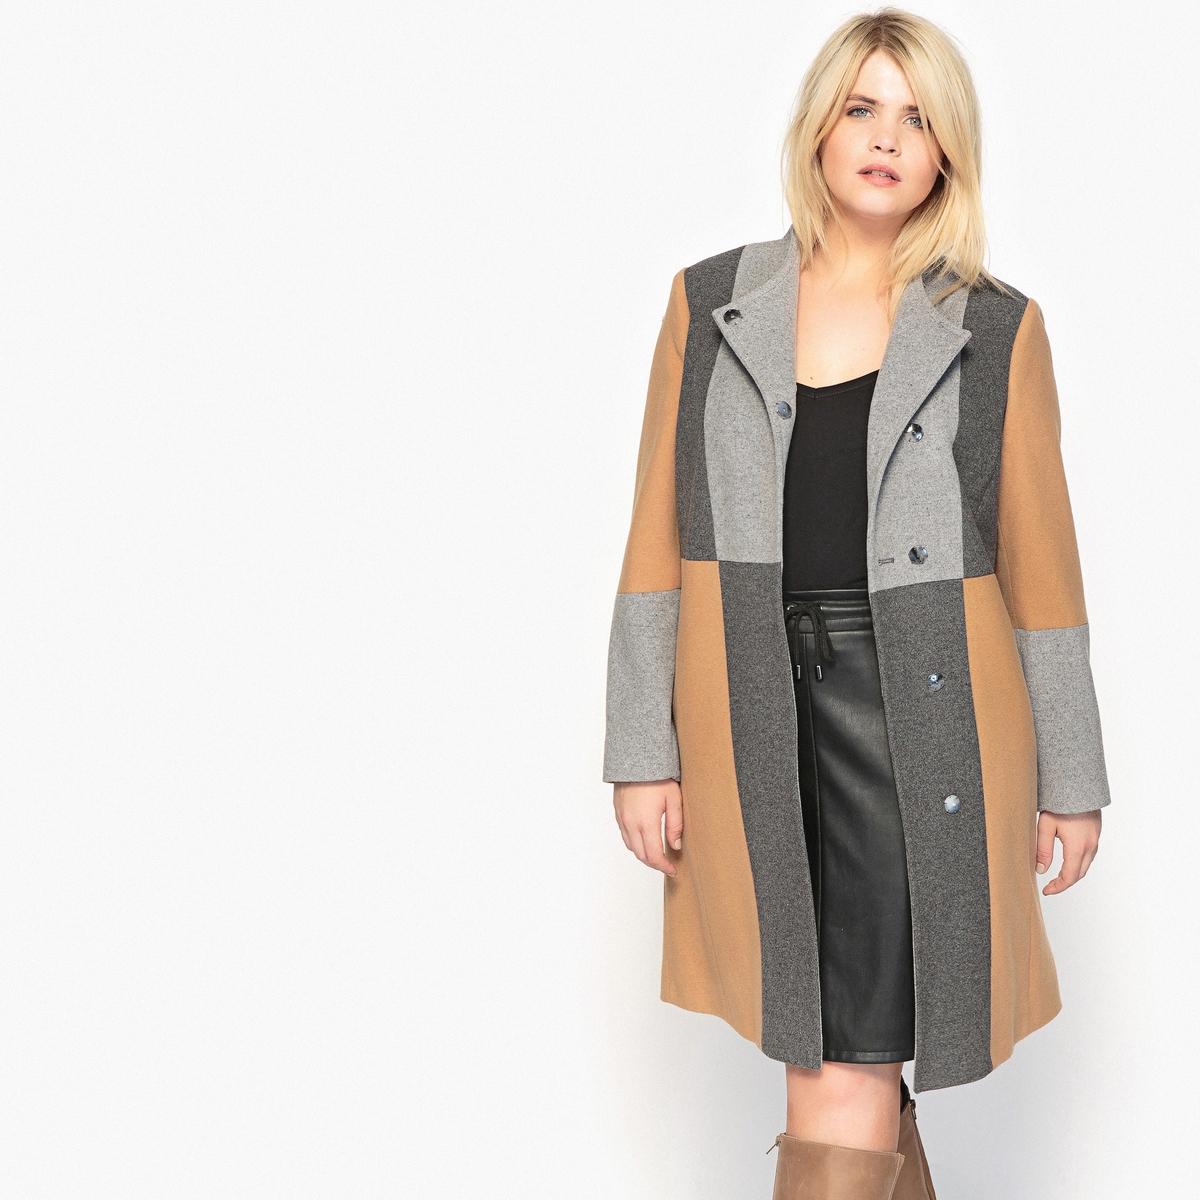 пальто прямое с нашивкойСтильное пальто в стиле пэчворк. Из теплого шерстяного драпа. Идеально смотрится с высокими сапогами. Детали •  Длина : удлиненная модель •  Воротник-стойка •  Графичный рисунок •  Застежка на кнопкиСостав и уход •  60% шерсти, 5% других волокон, 5% полиамида, 30% полиэстера • Не стирать •  Деликатная сухая чистка / не отбеливать •  Не использовать барабанную сушку   •  Низкая температура глажки   ВАЖНО: Товар без манжетТовар из коллекции больших размеров •  Рисунок пэчворк. •  Застежка на кнопки. •  Длина : 103 см<br><br>Цвет: разноцветный<br>Размер: 44 (FR) - 50 (RUS).58 (FR) - 64 (RUS)